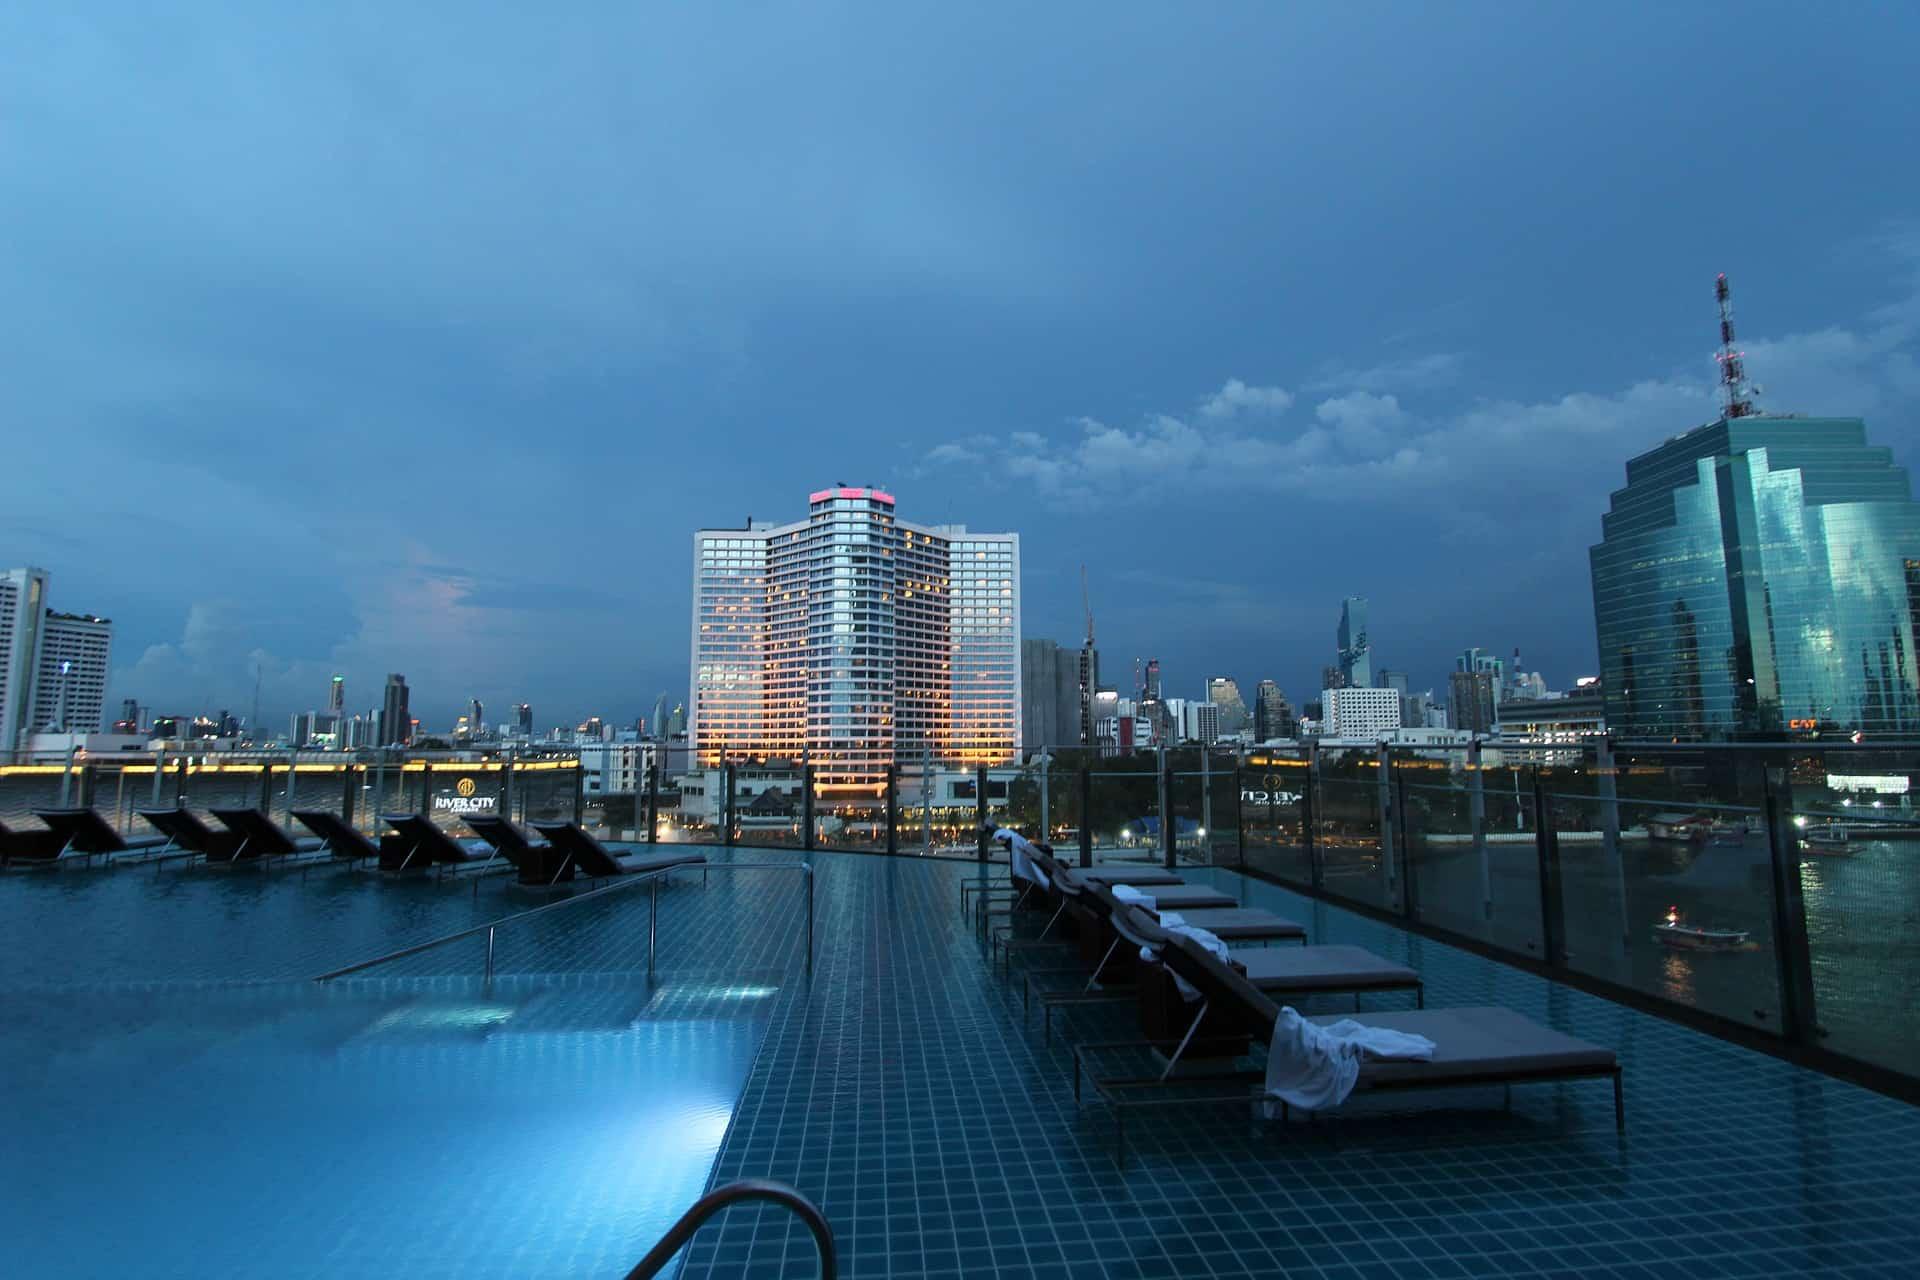 Die meisten Hotels haben auf dem Rooftop ein Pool